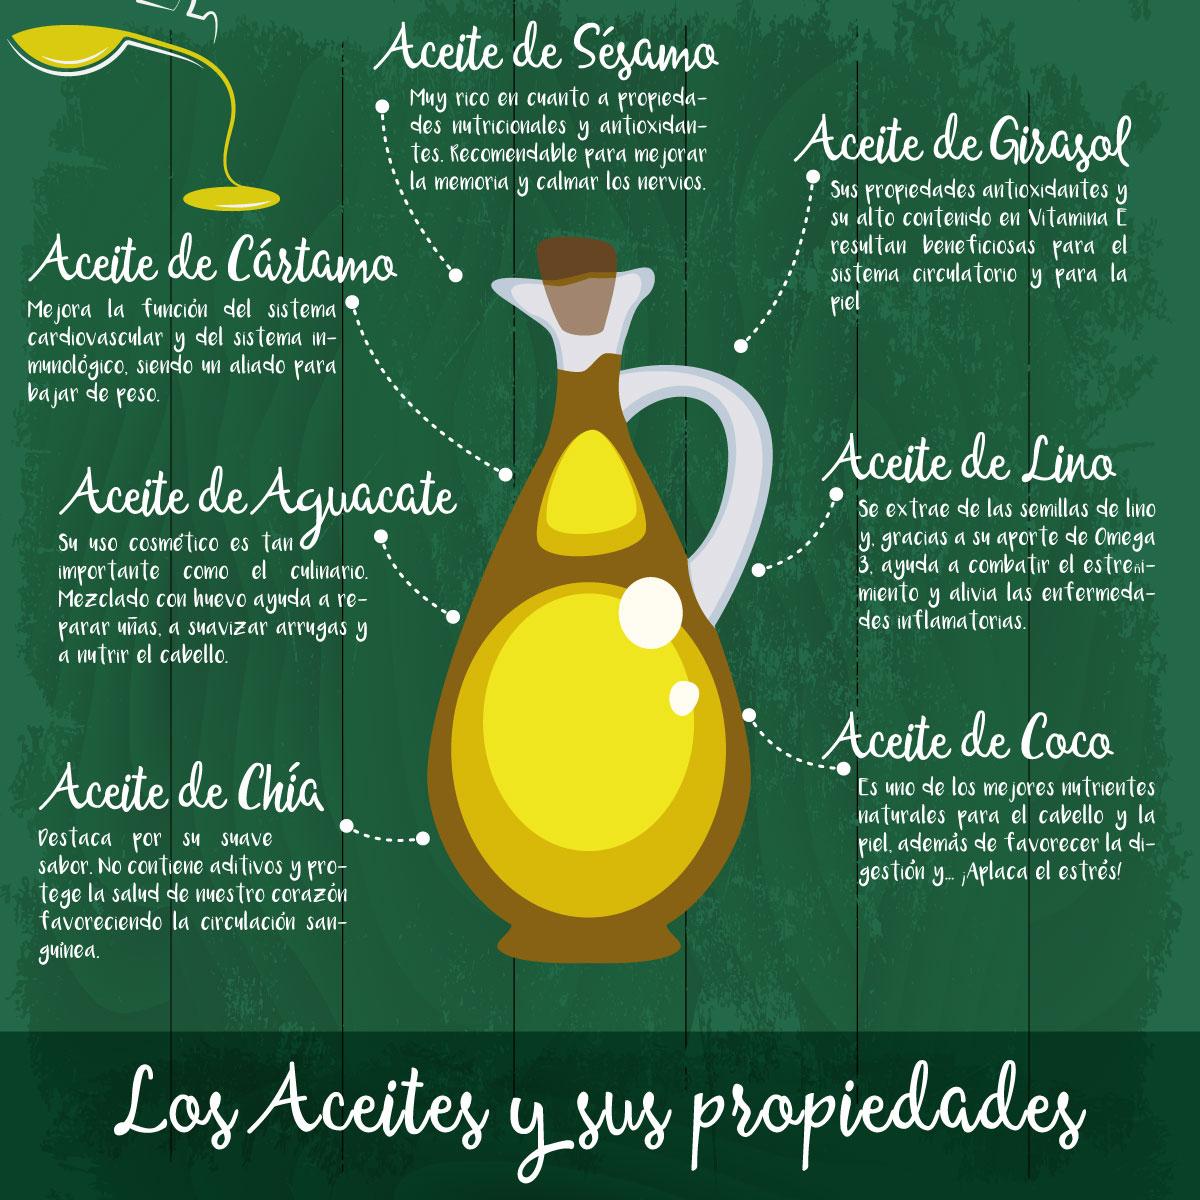 Los aceites ecológicos y sus propiedades